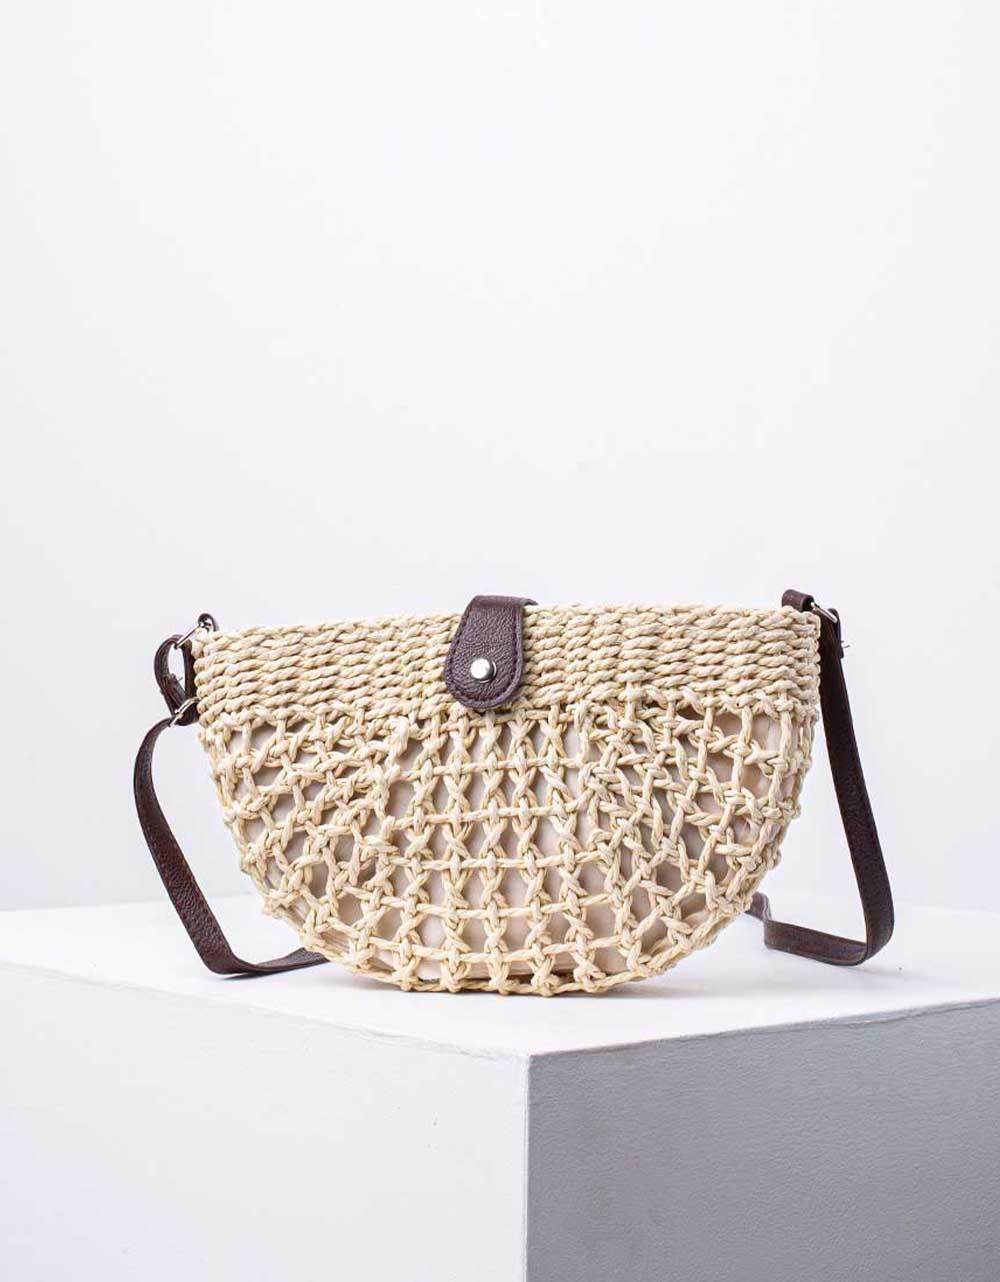 Εικόνα από Γυναικεία τσάντα ώμου & χιαστί με πλεκτό σχέδιο Μπεζ